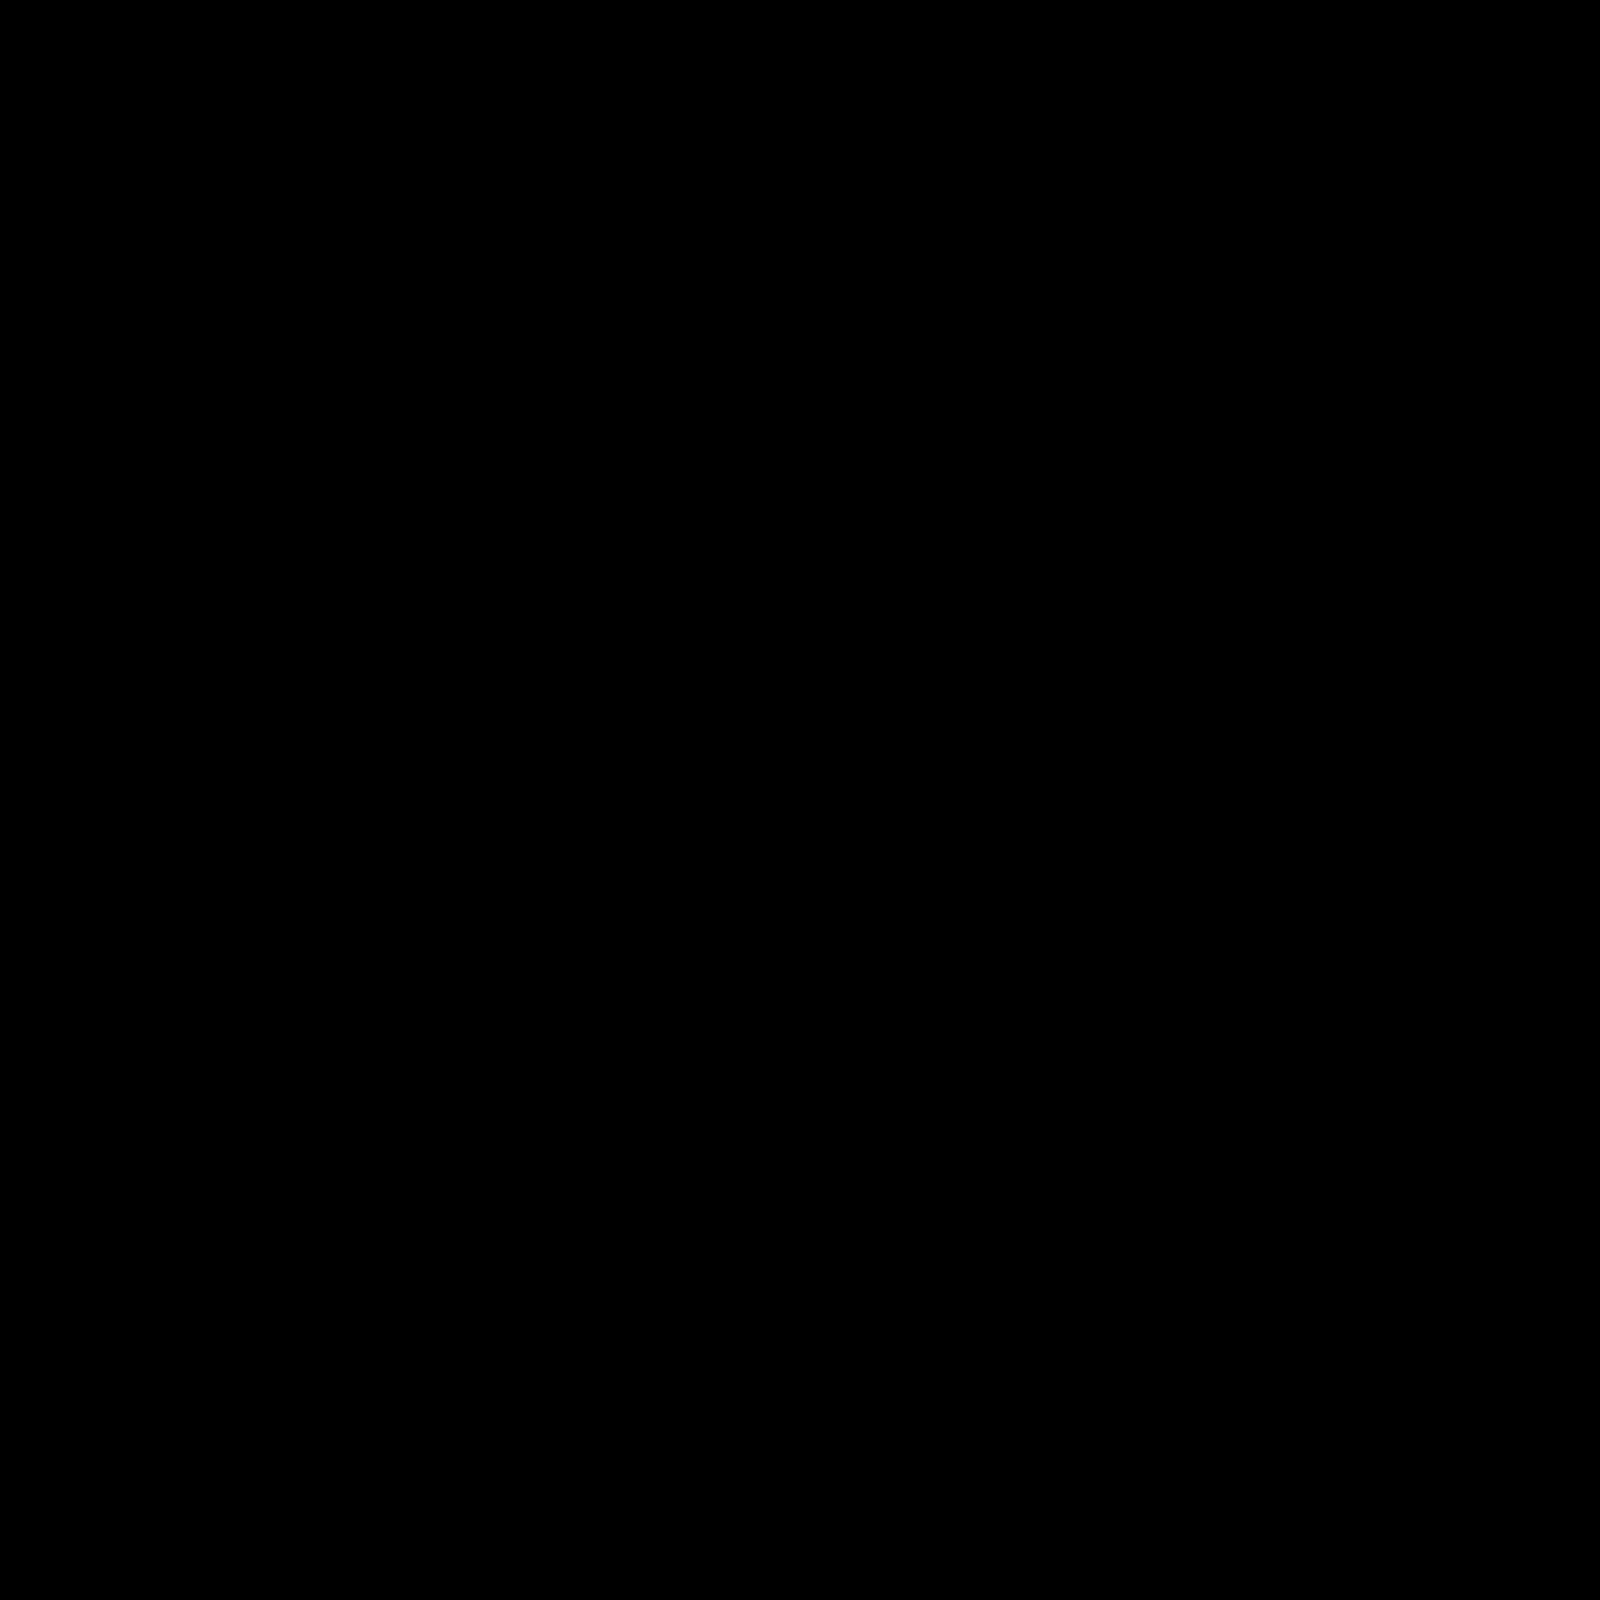 圈4 icon. There is a number four in a san serif font. The number four has a circle around it. The number four is directly in the center of that circle.